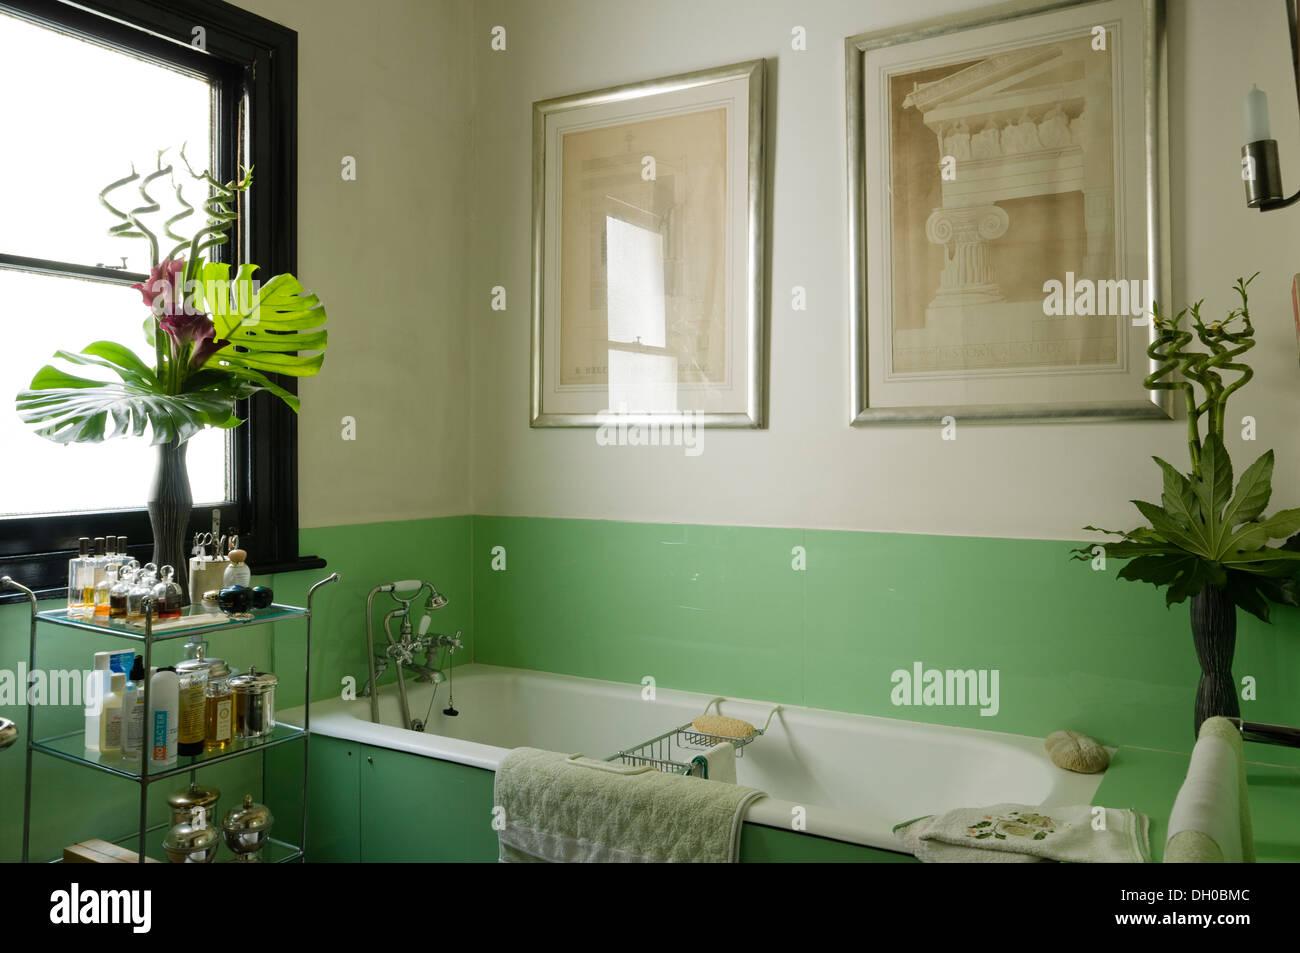 Vasca Da Bagno Disegno : Accessori bagno con vetro verde per il pannello della vasca